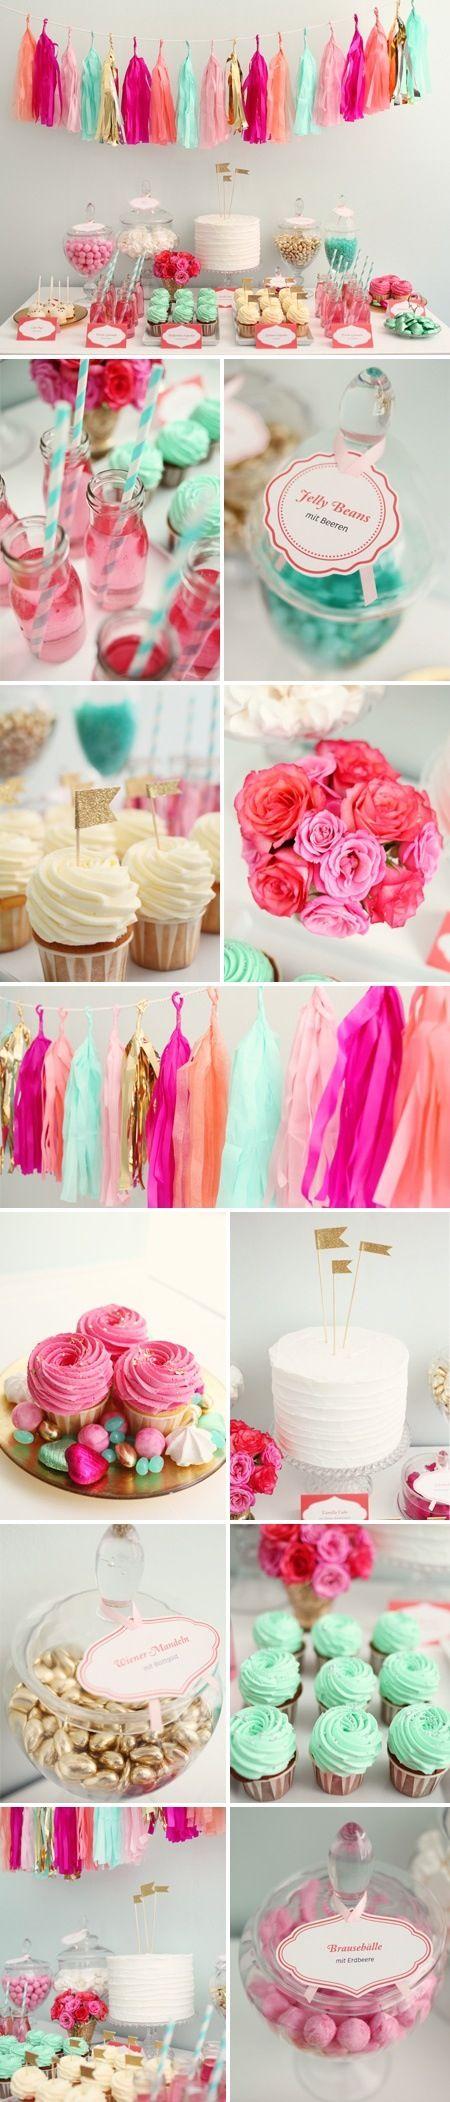 Inspiração colorida!